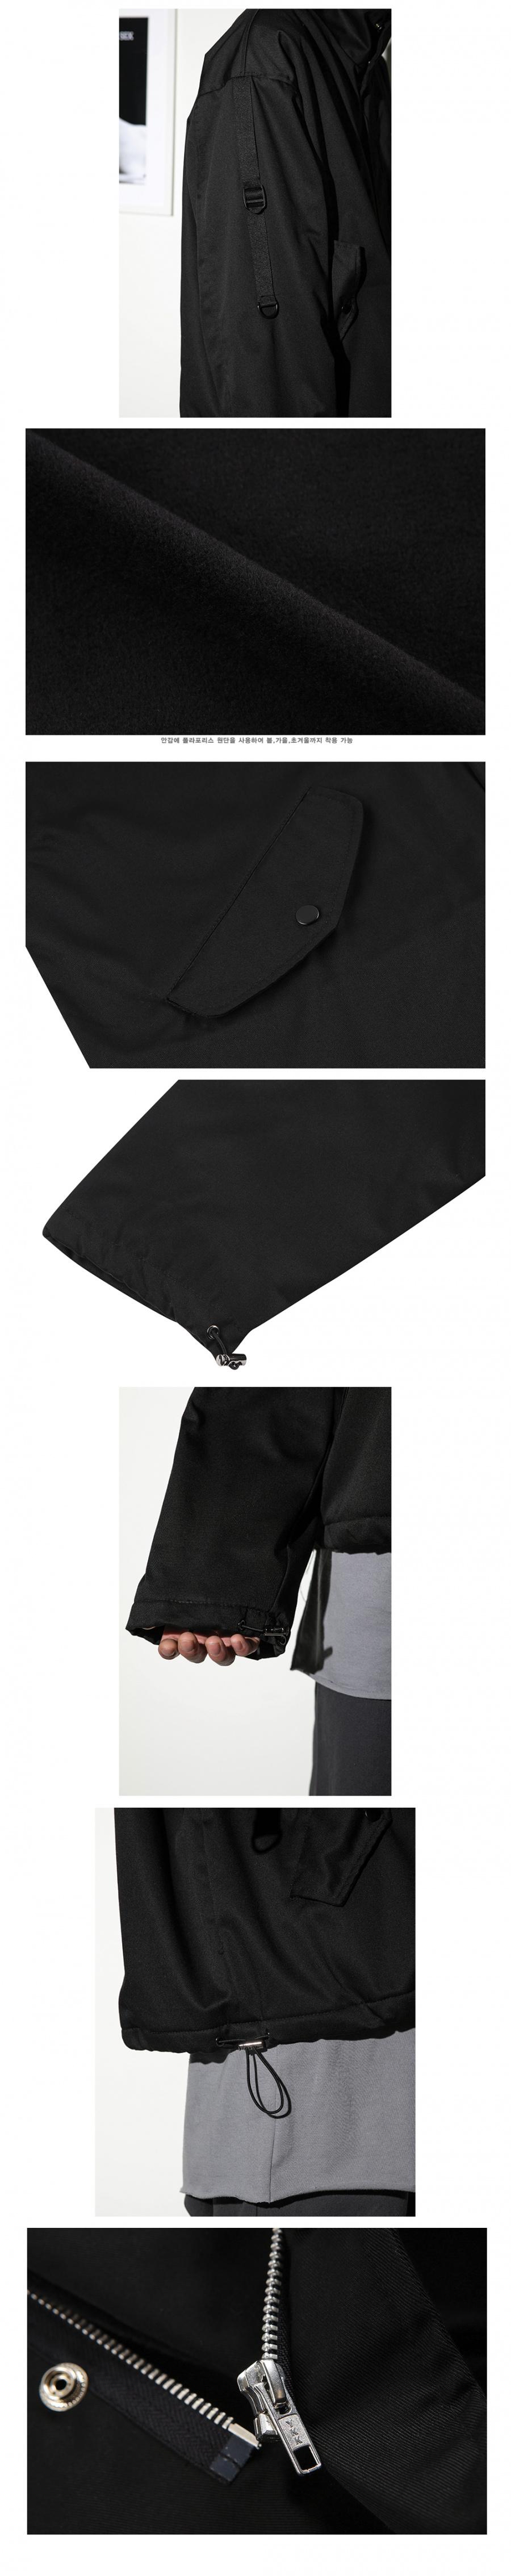 플레어업(FLAREUP) 오버핏 M-65 숏자켓 / 자켓 - 블랙 (FU-020)